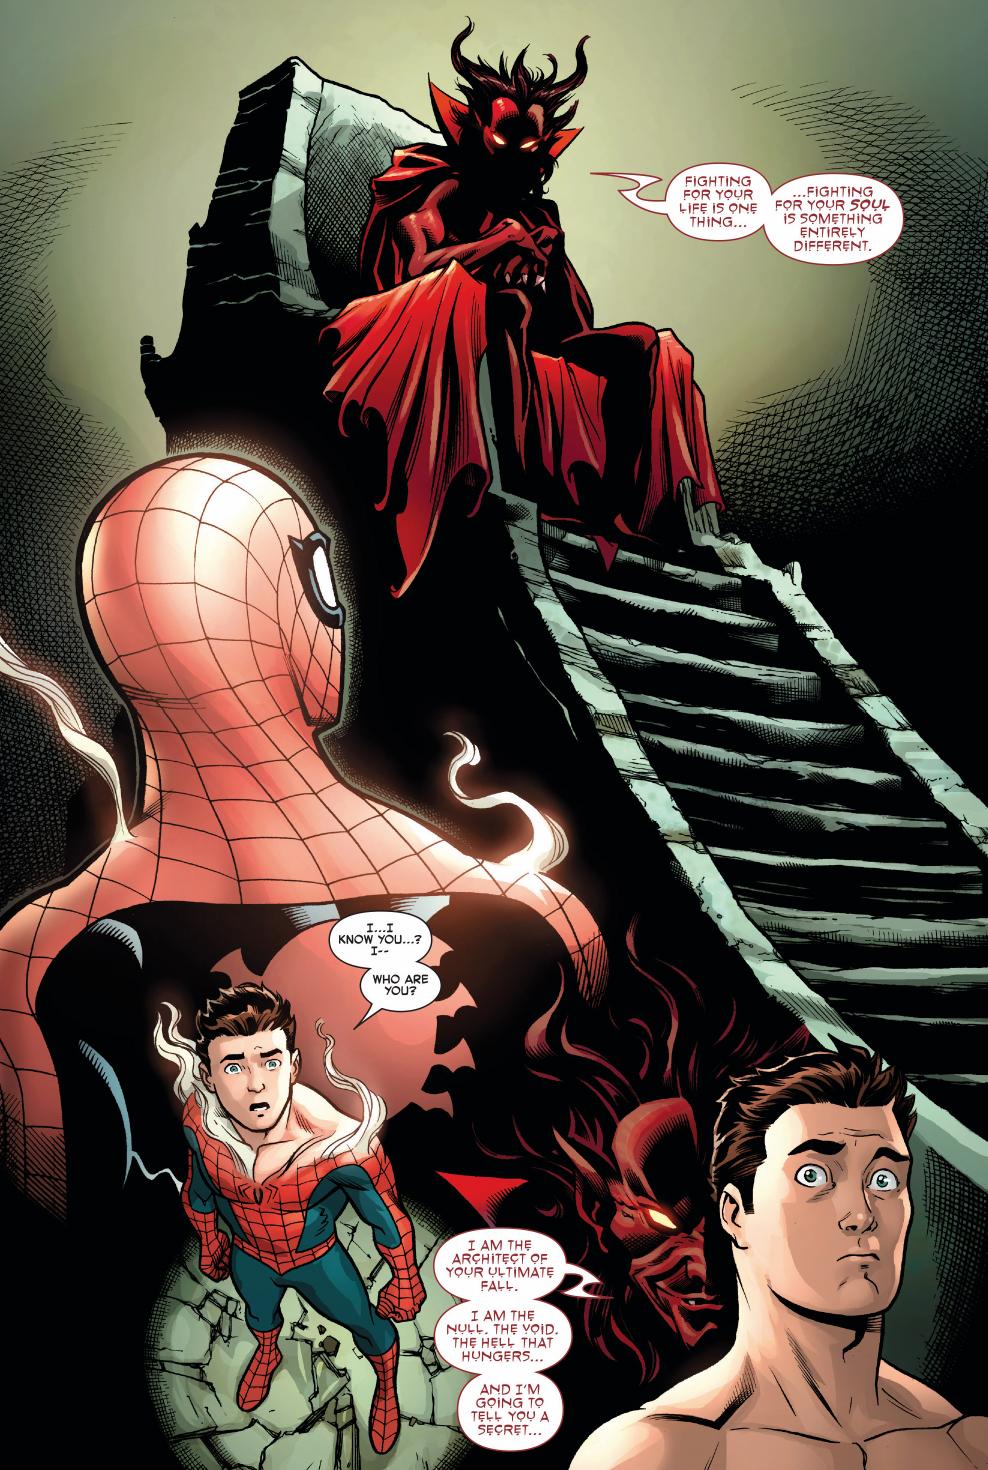 mephisto taunts spider-man